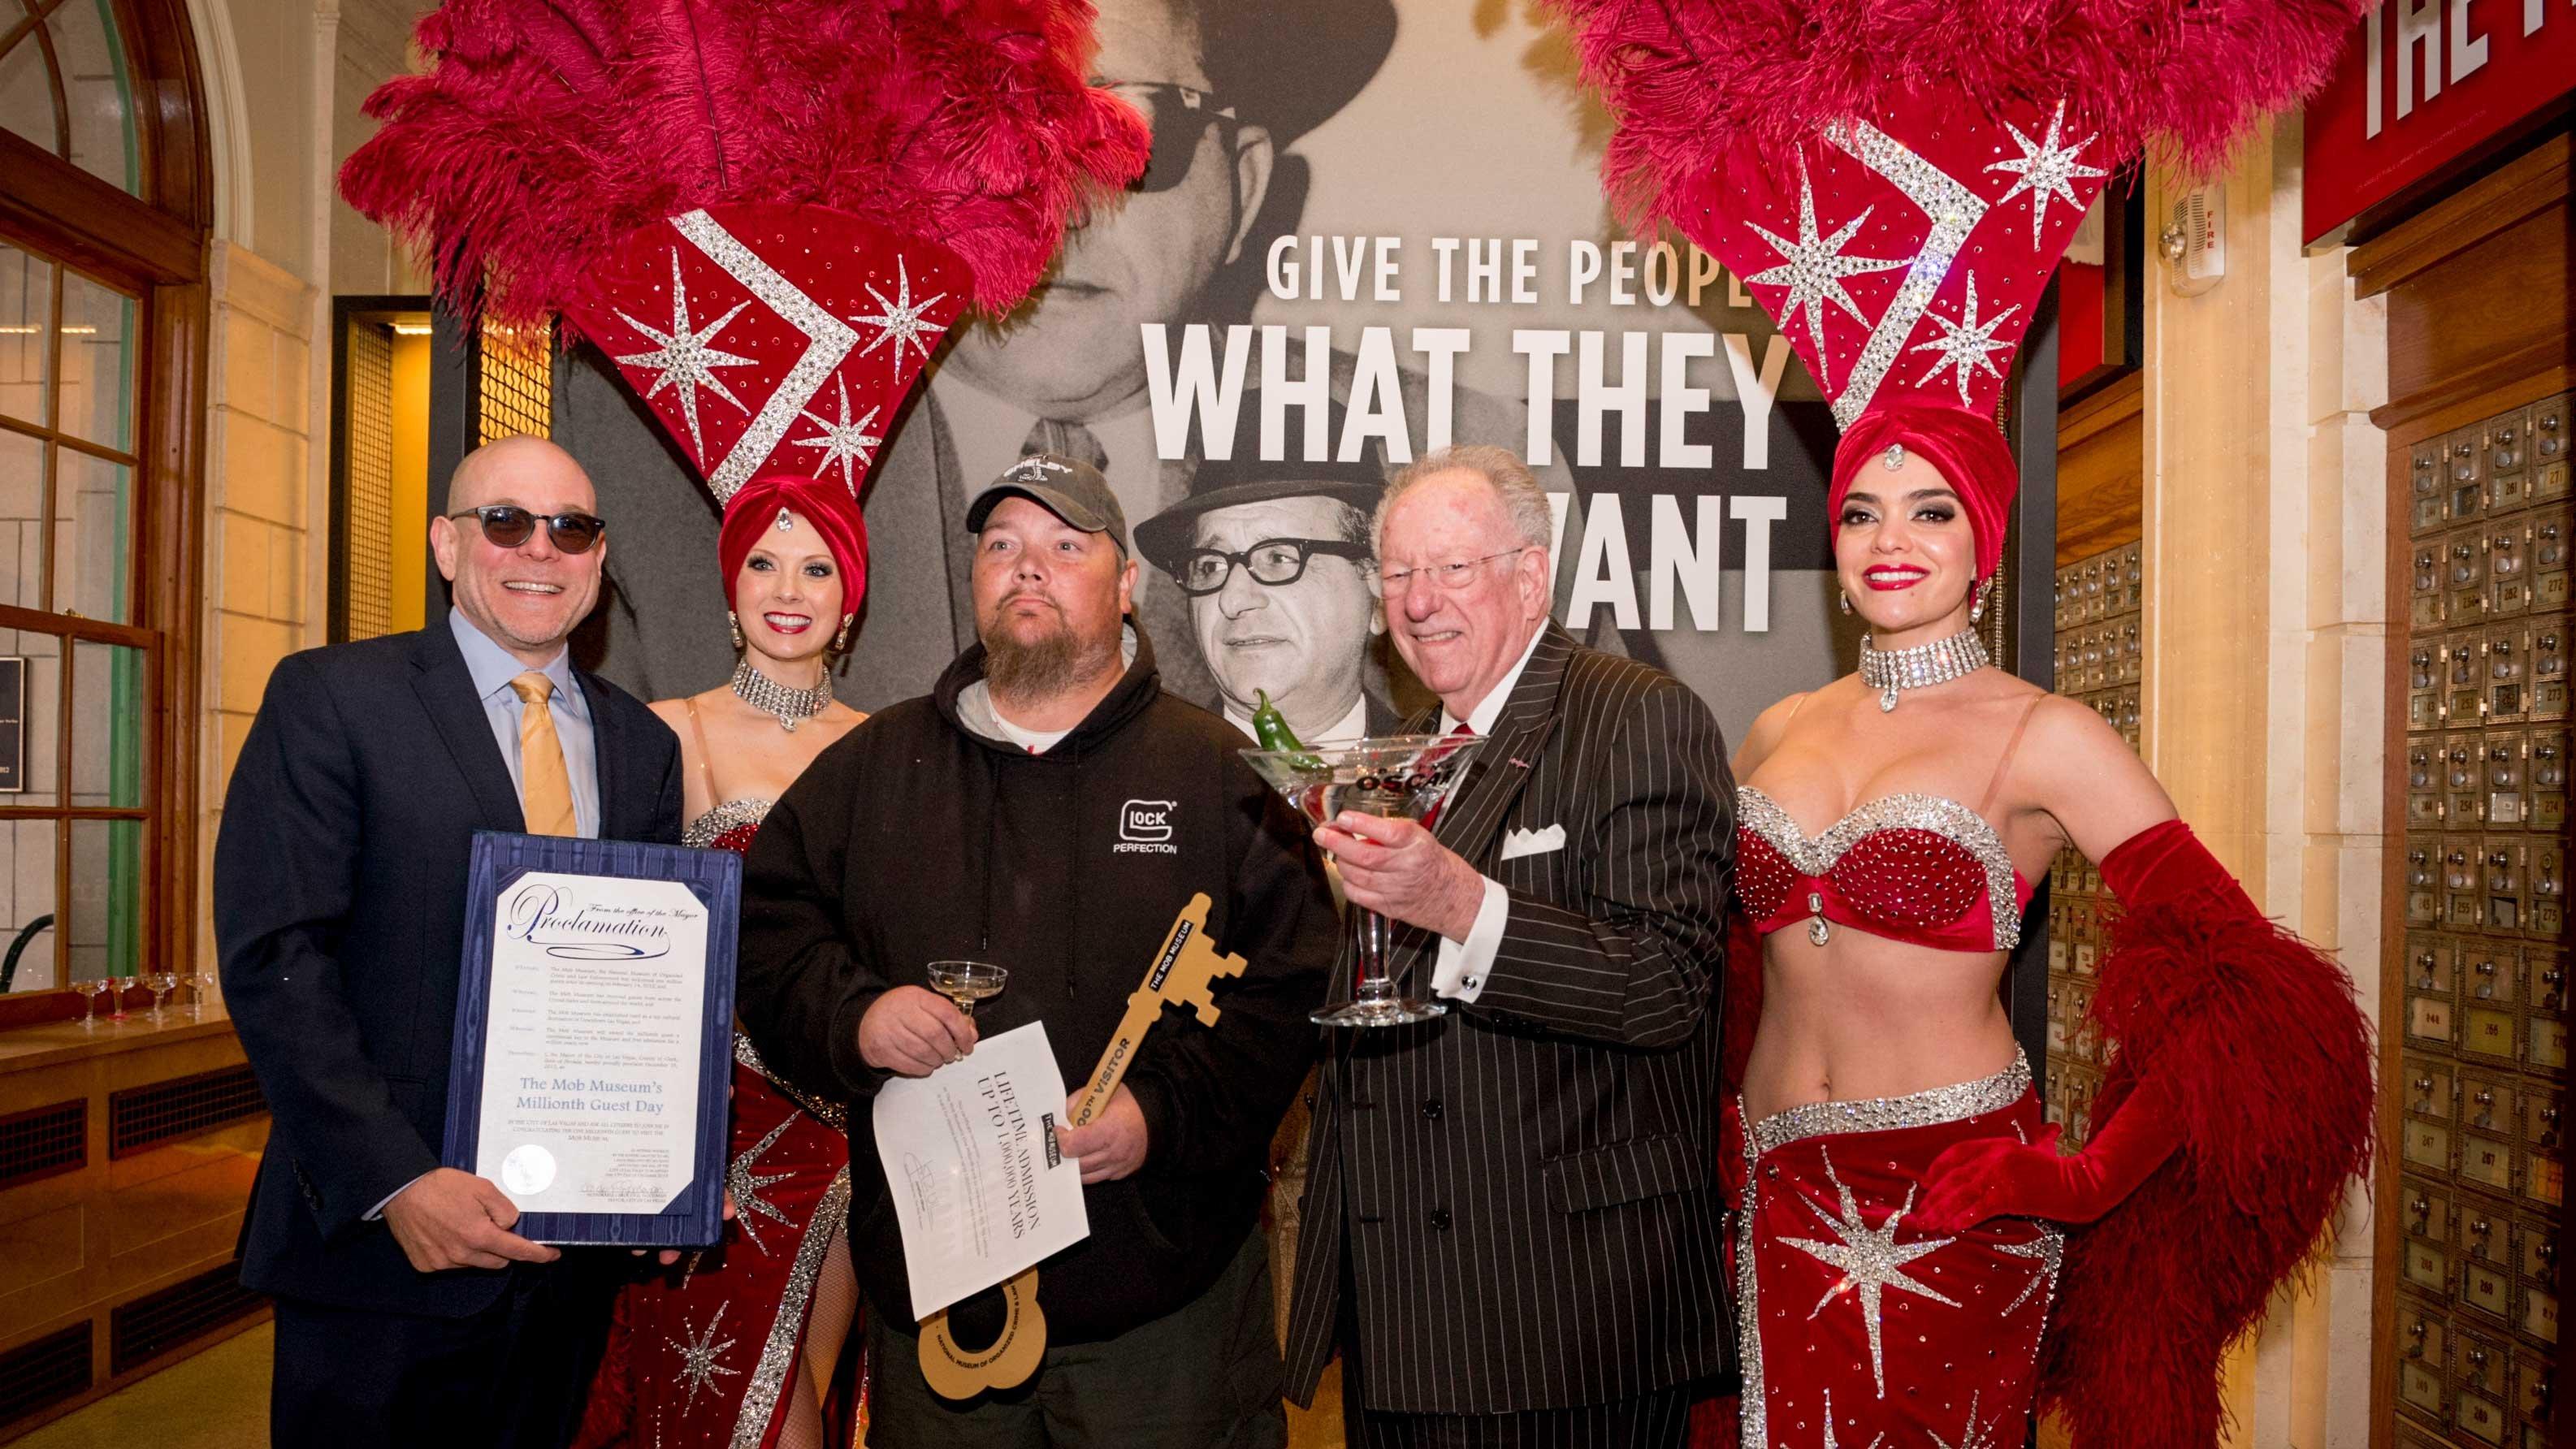 Photo credit: Mark Damon/Las Vegas News Bureau